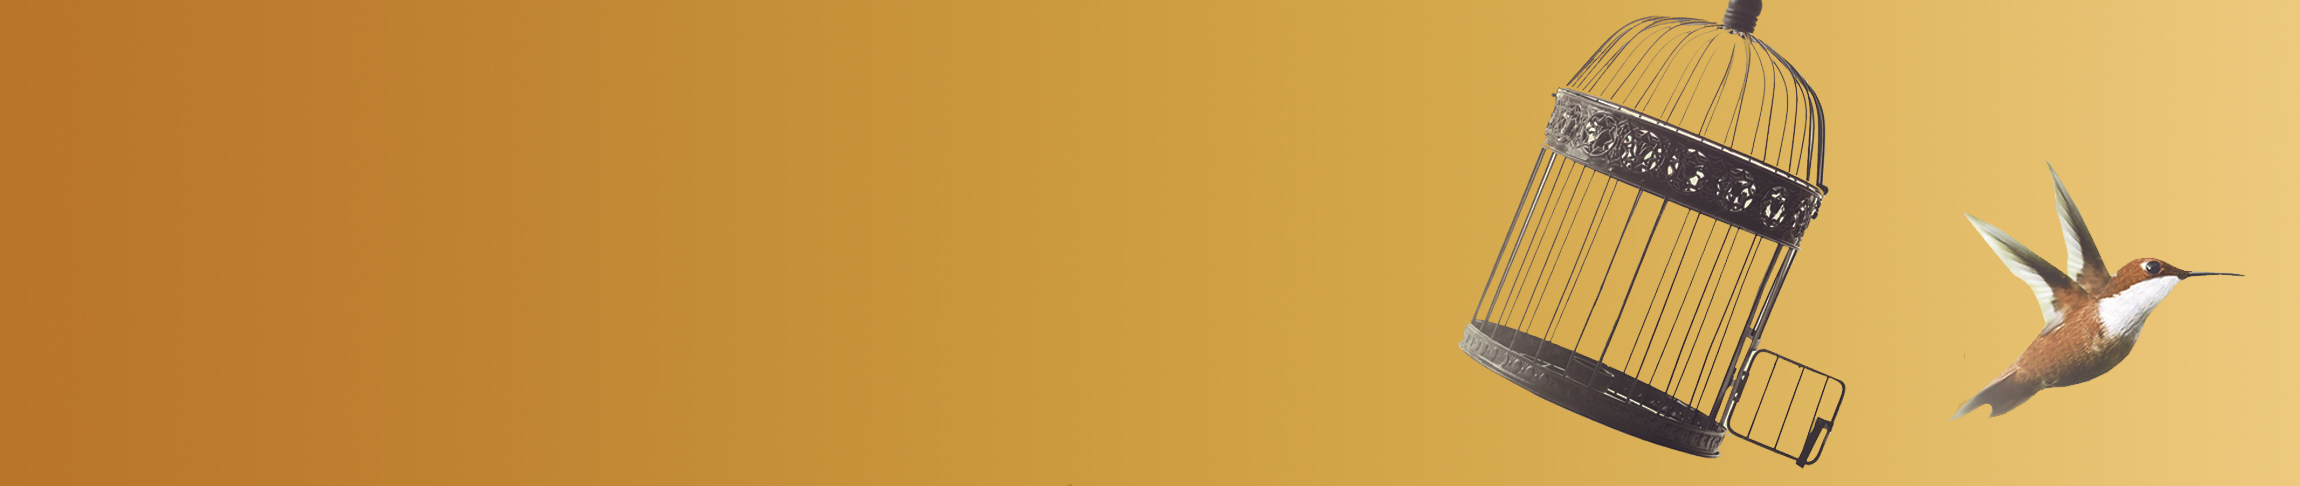 Addictions, sbk hypnose, Saskia Bourakoff, Lausanne, Montreux, Suisse Romande, tabac, nourriture, sucre, réseaux sociaux, alcool, drogues, jeu